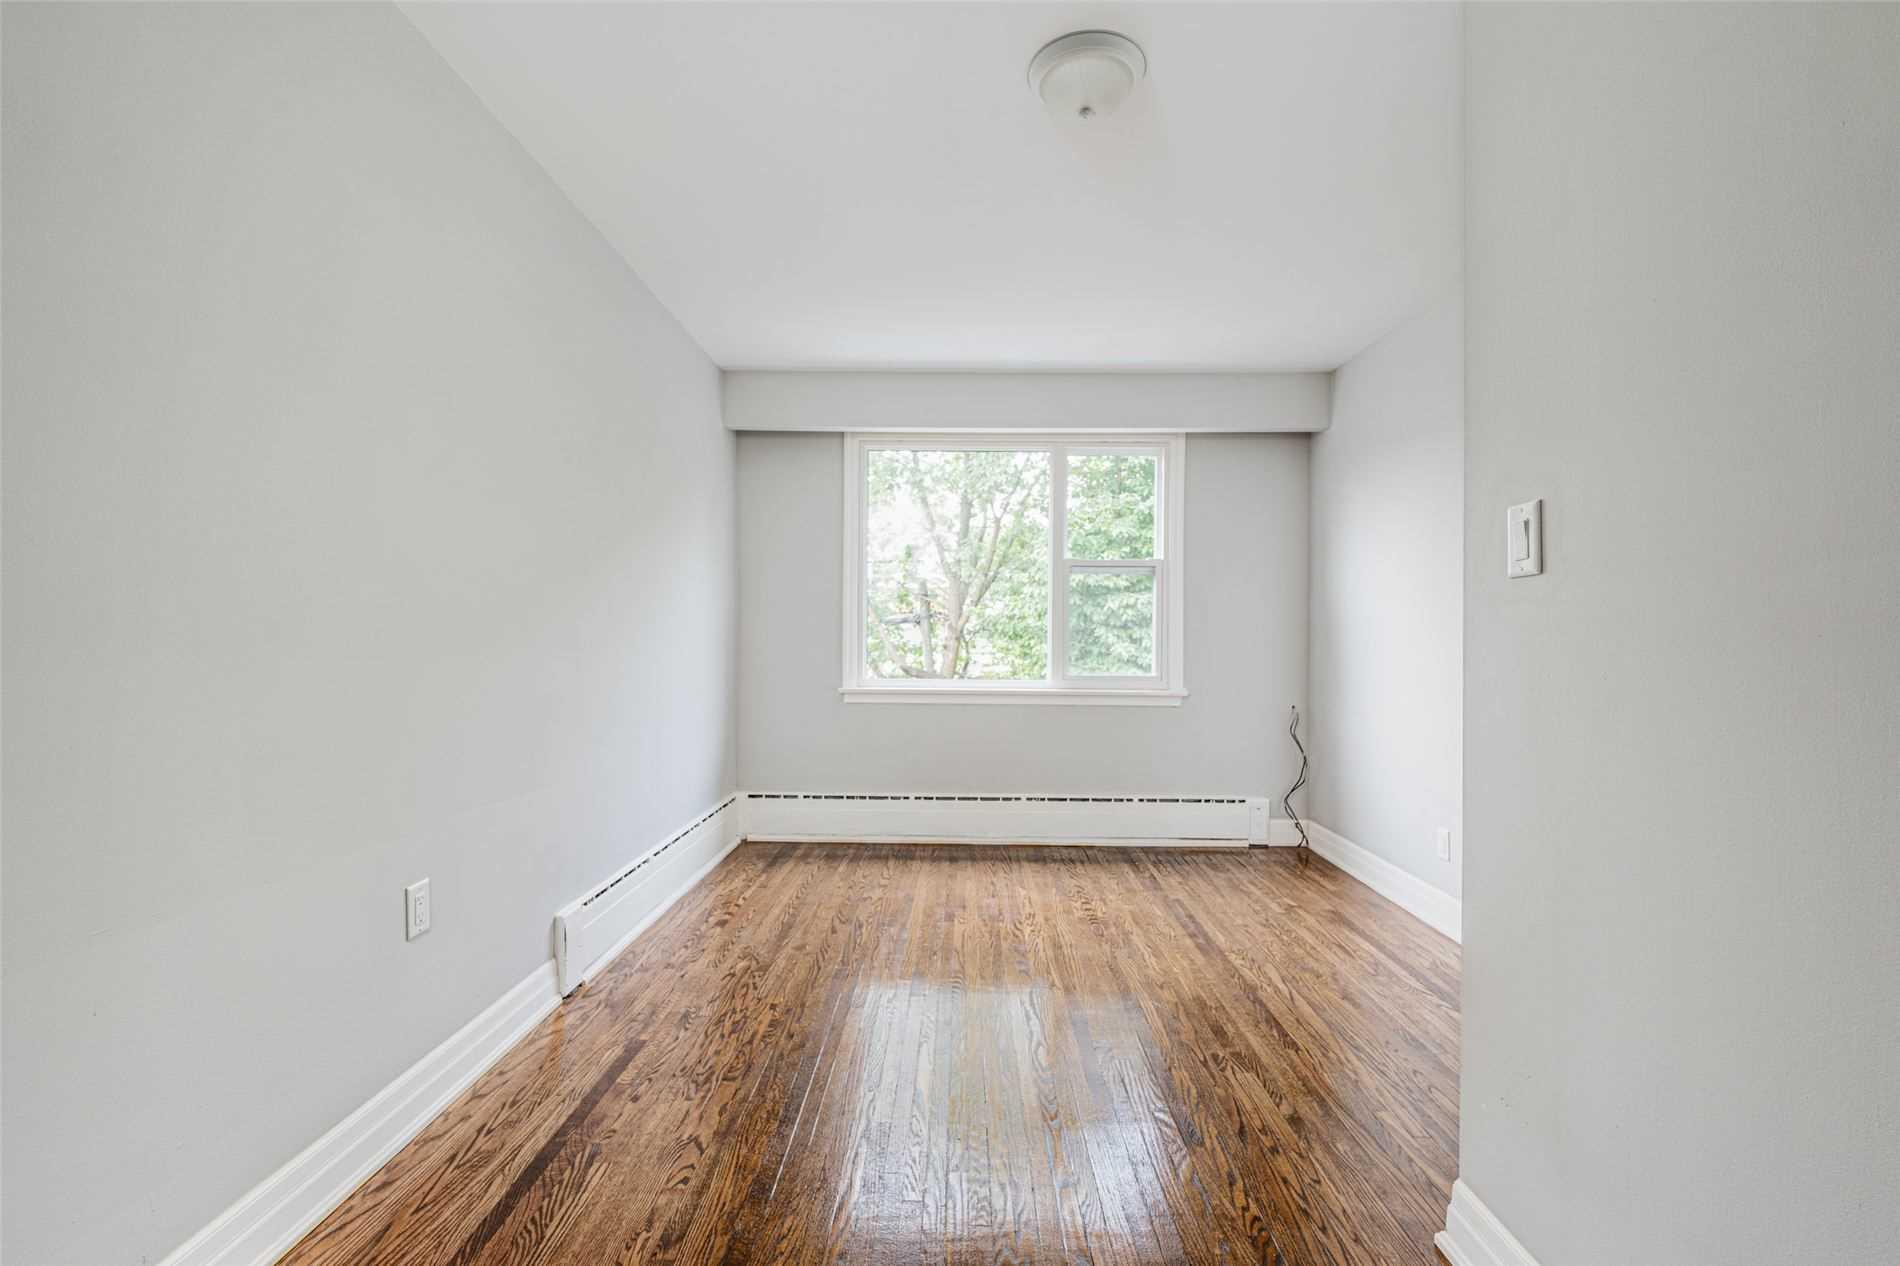 Triplex For Lease In Toronto , 3 Bedrooms Bedrooms, ,1 BathroomBathrooms,Triplex,For Lease,Upper,Atlas